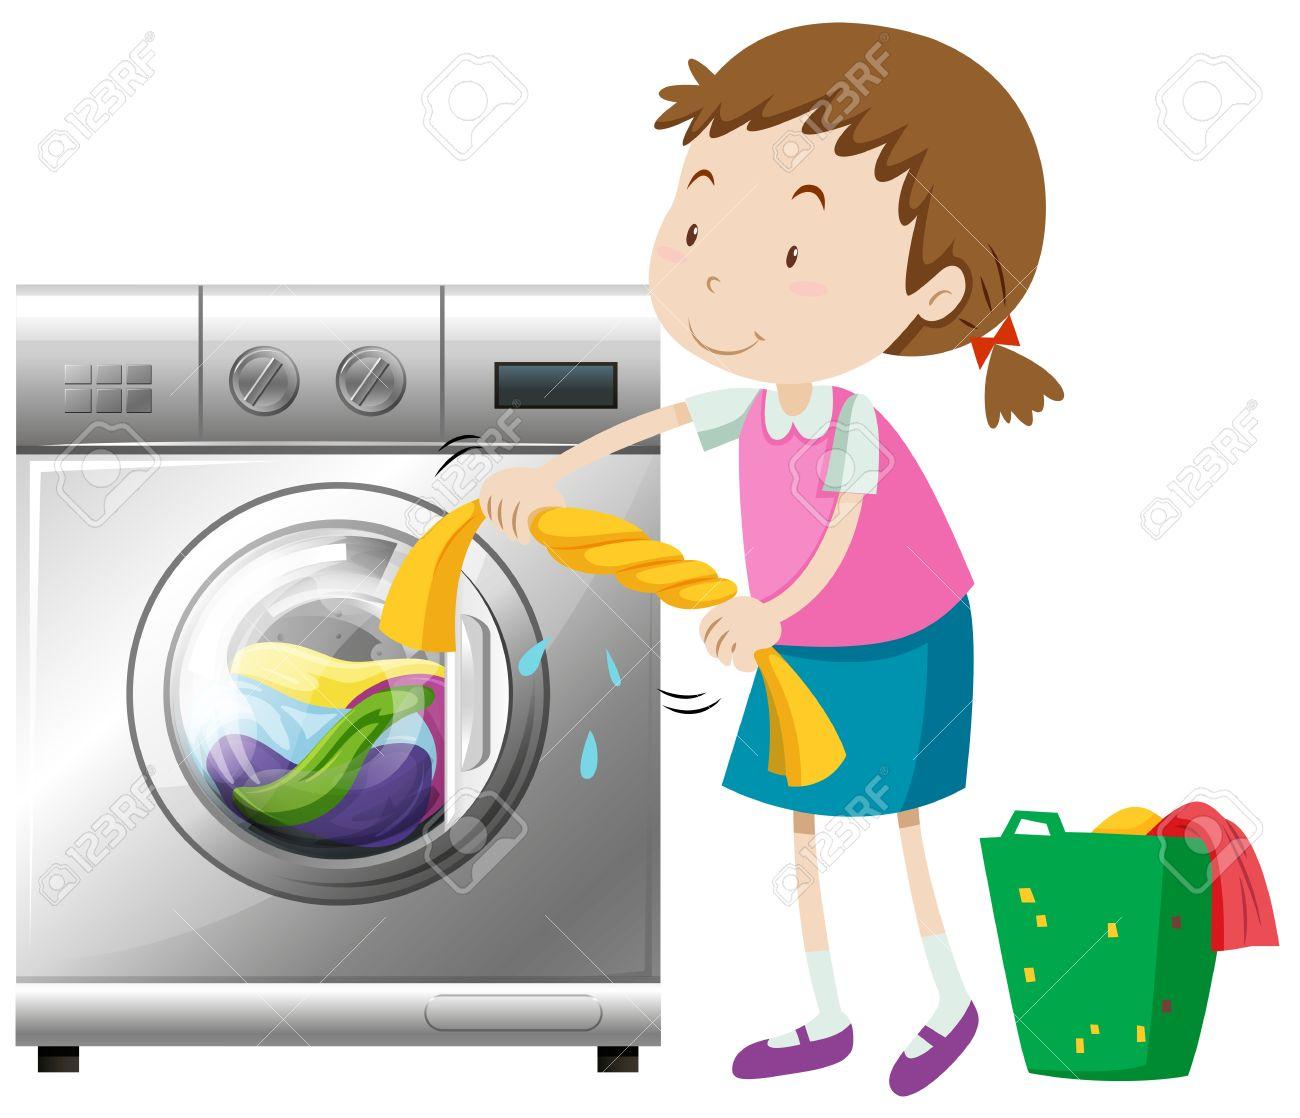 Girl doing laundry with washing machine illustration.